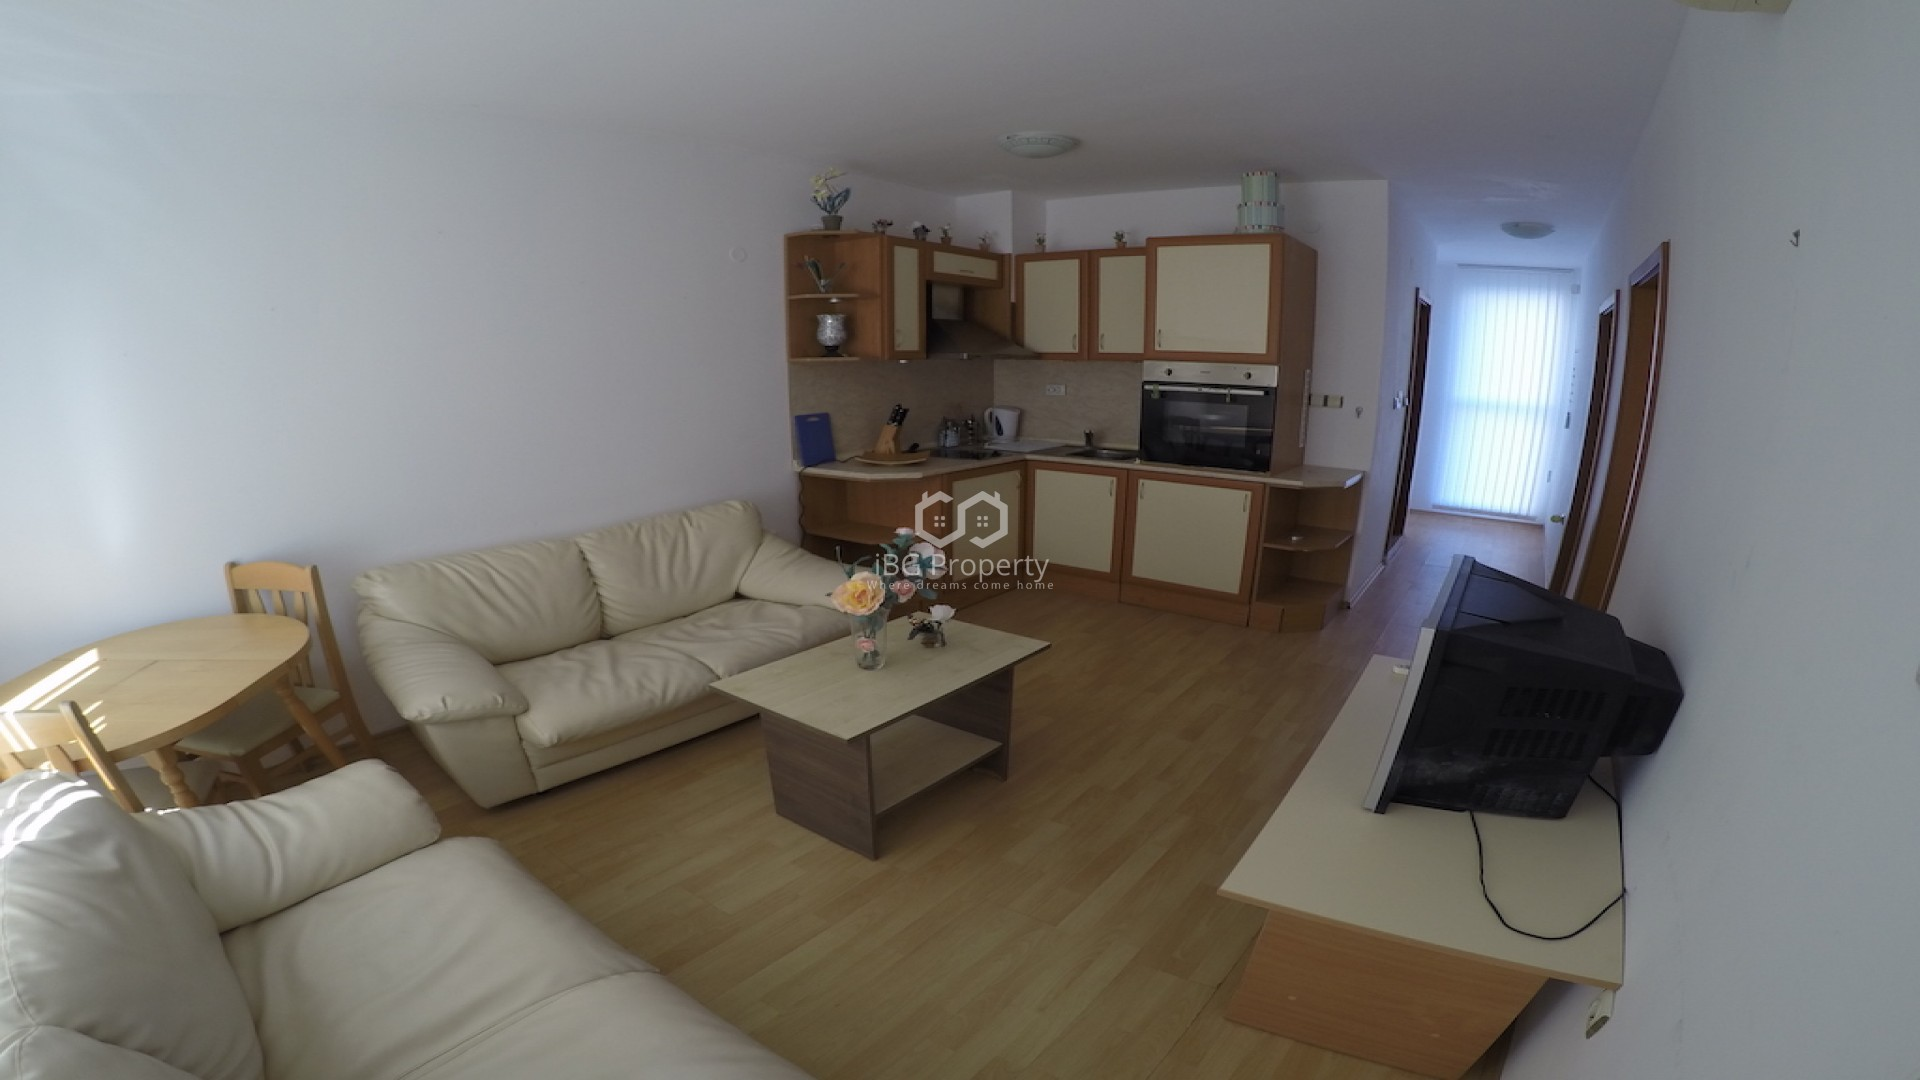 Dreizimmerwohnung in Sonnenstrand 69 m2